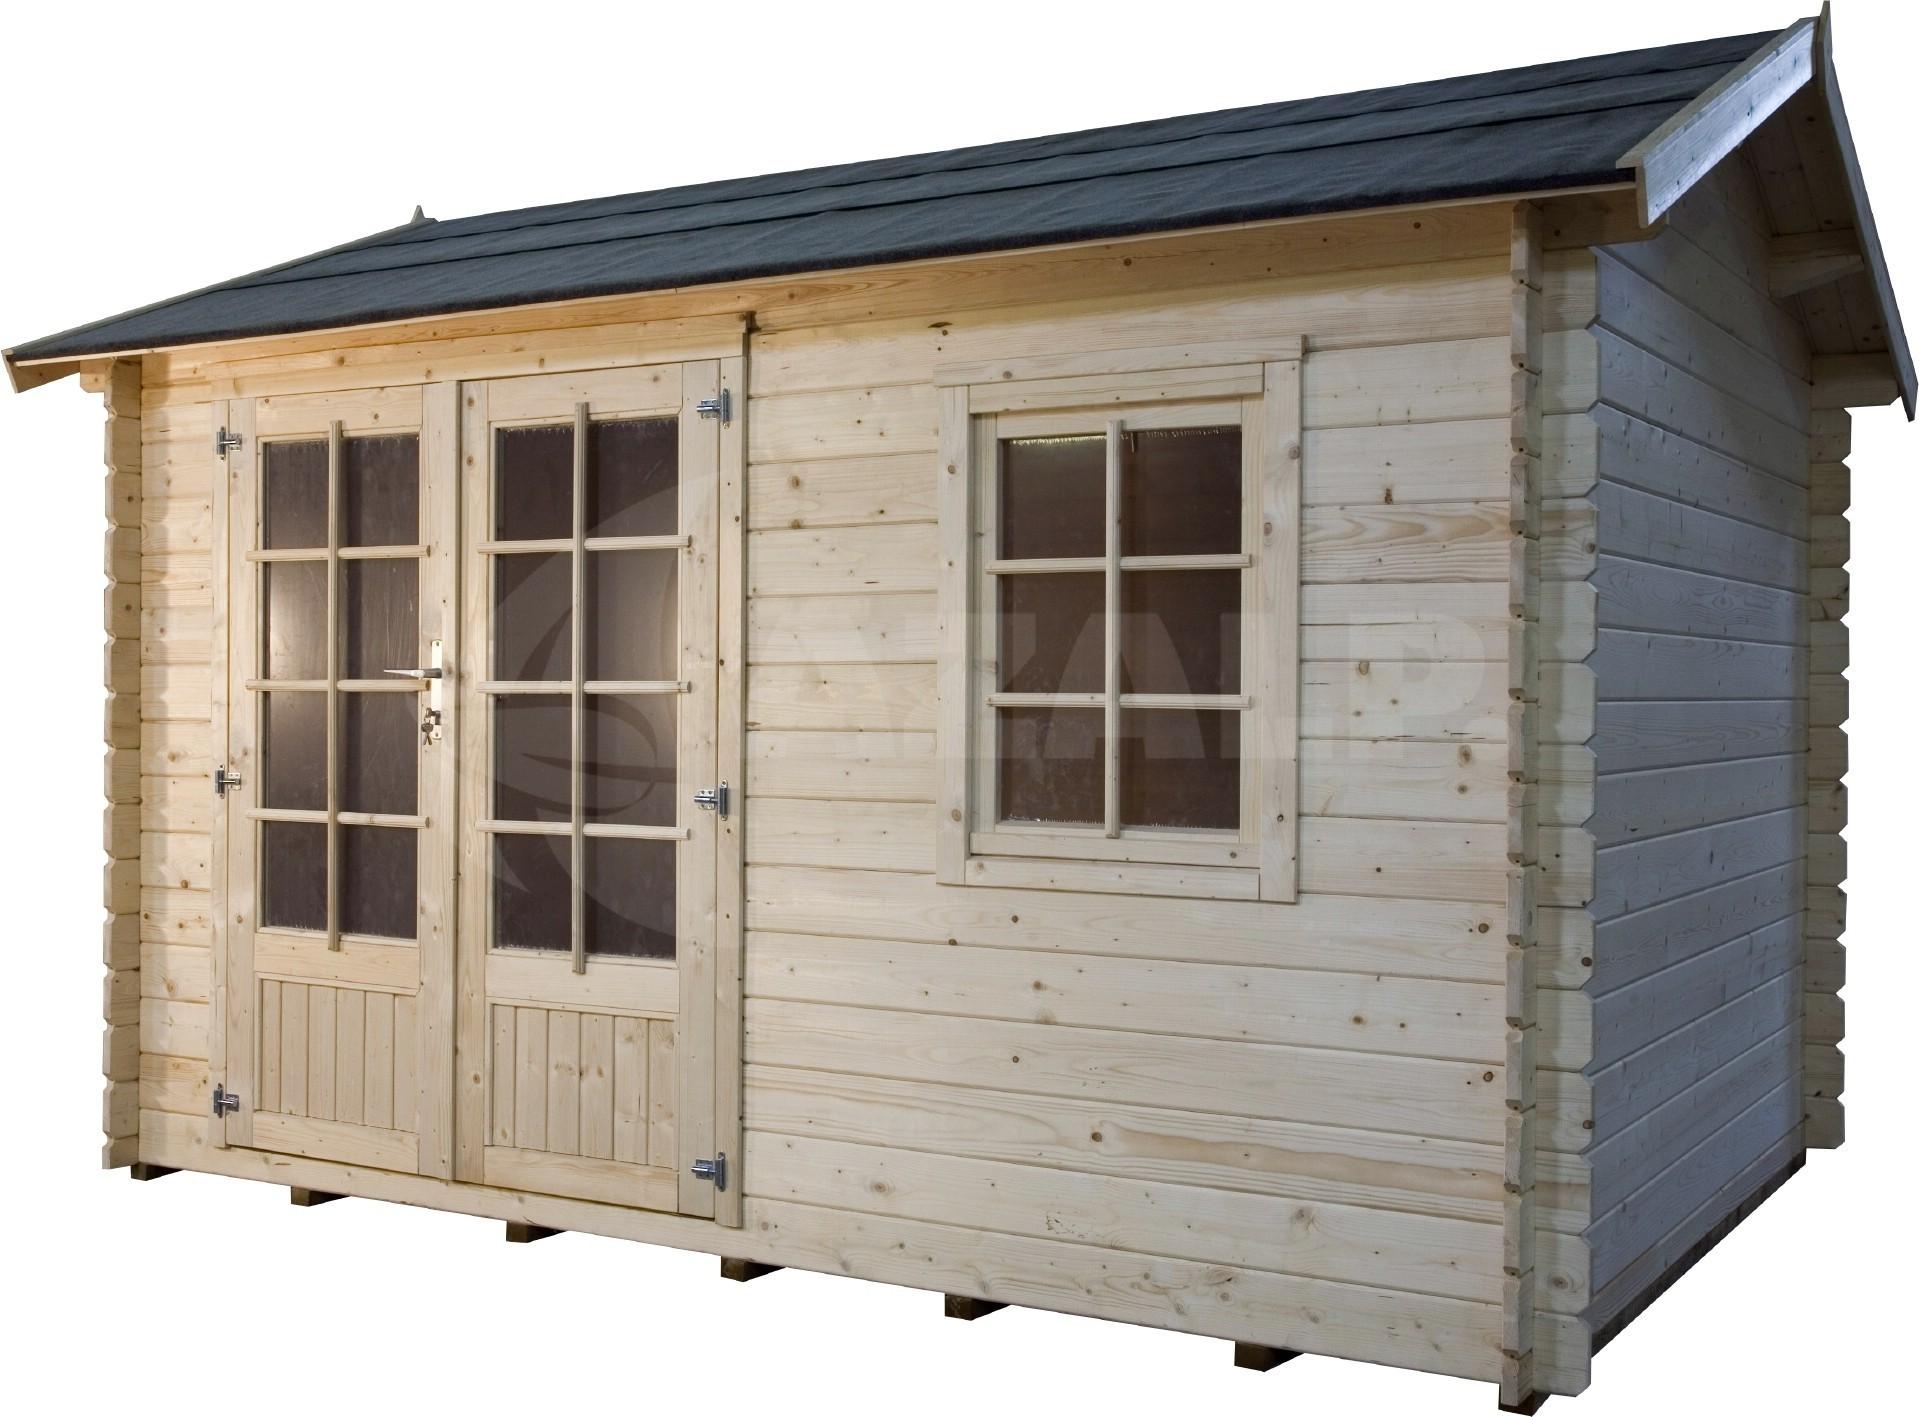 gartenpro amsterdam 3425 kaufen bei. Black Bedroom Furniture Sets. Home Design Ideas